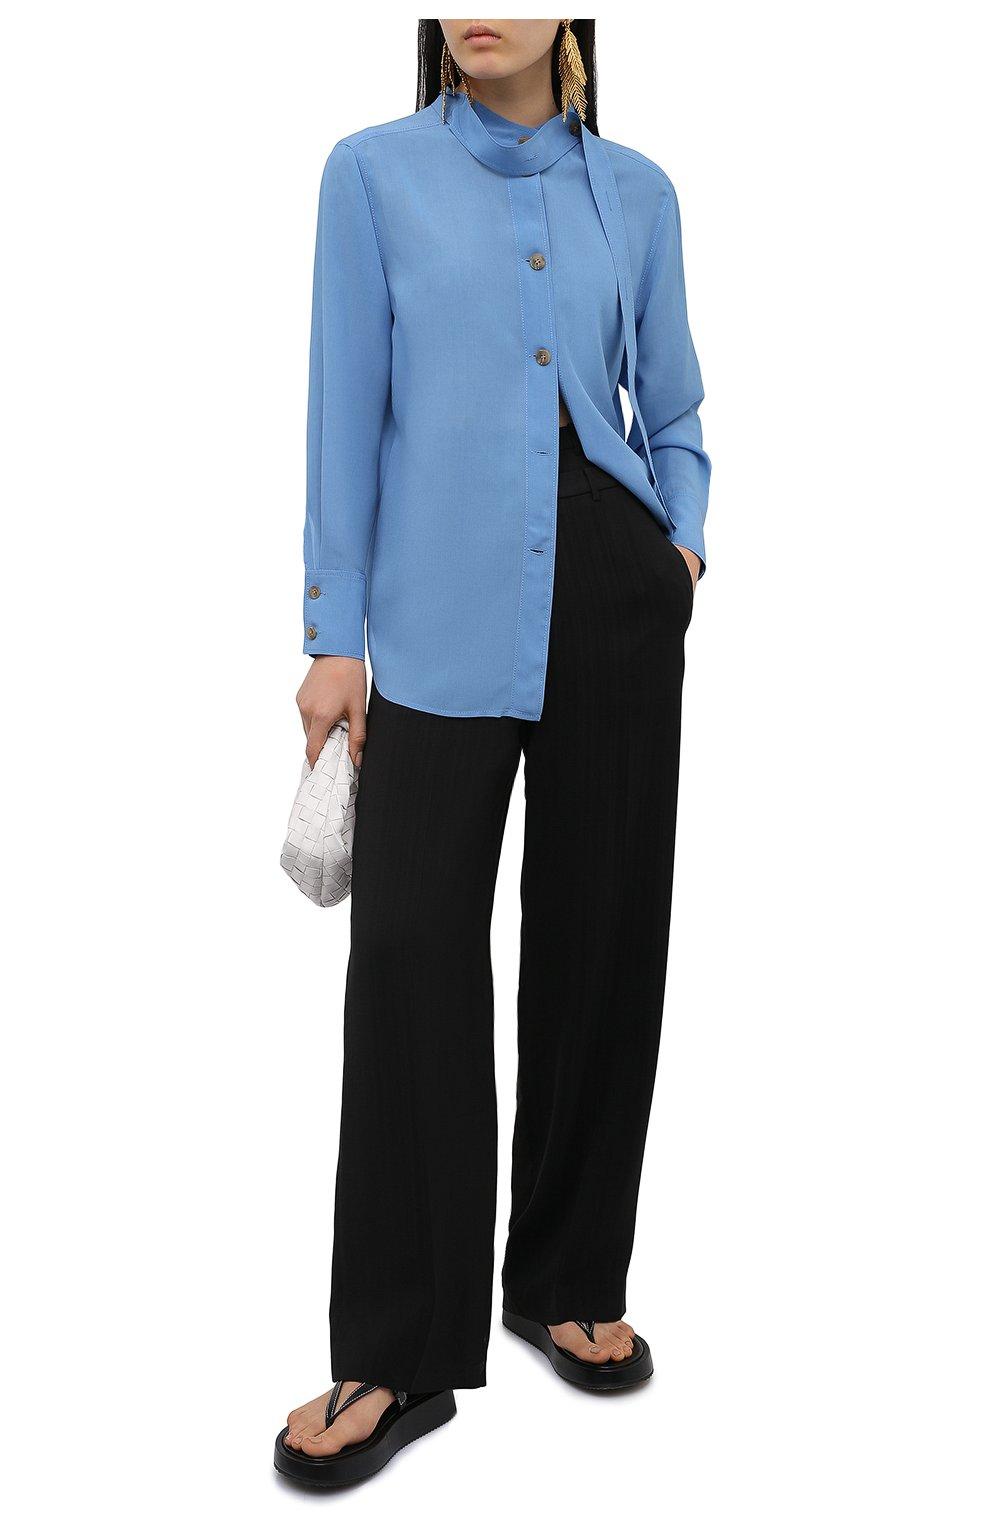 Женские брюки из вискозы REJINA PYO черного цвета, арт. E140/VISC0SE   Фото 2 (Длина (брюки, джинсы): Стандартные; Женское Кросс-КТ: Брюки-одежда; Силуэт Ж (брюки и джинсы): Прямые; Материал внешний: Вискоза; Стили: Кэжуэл)